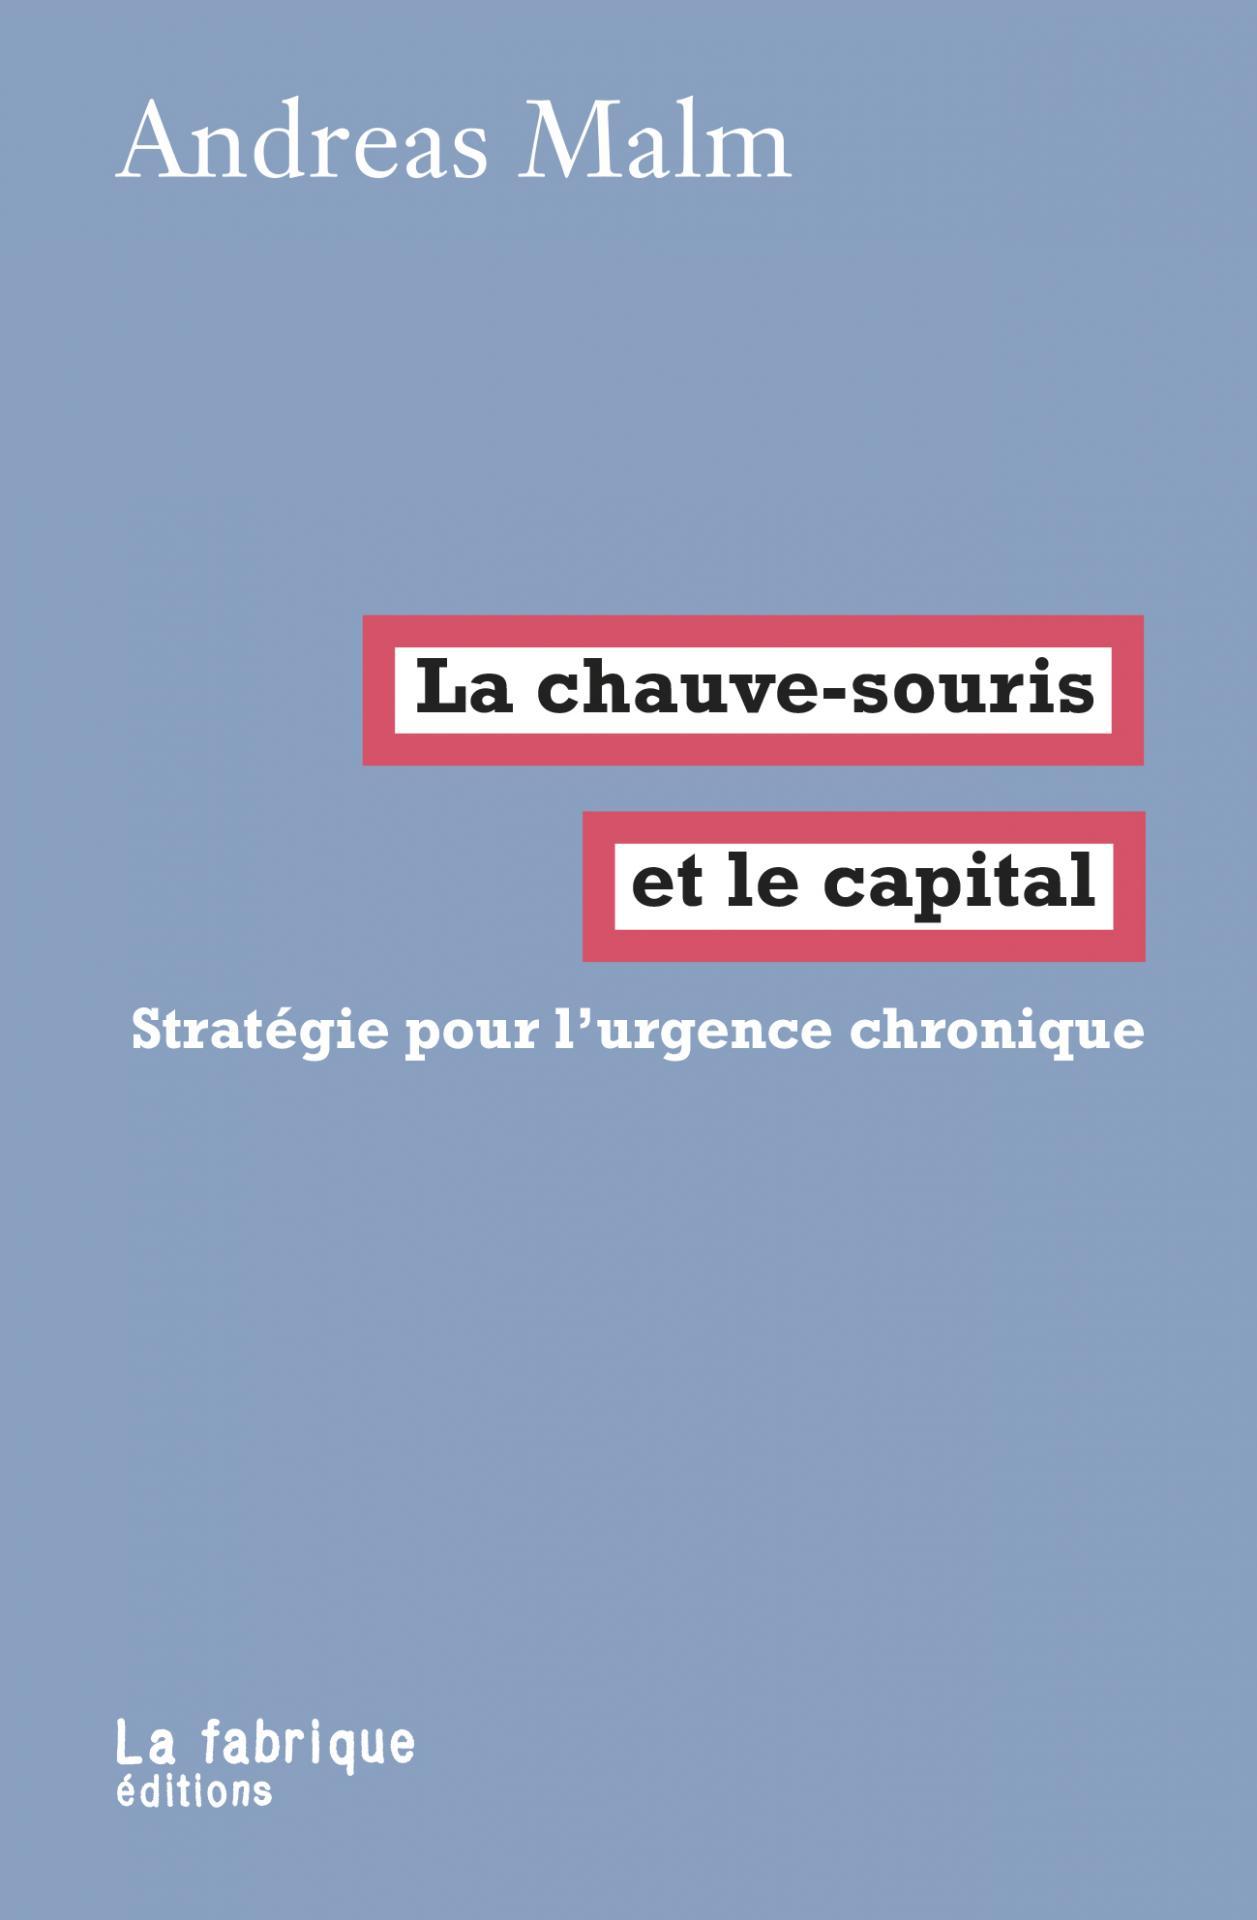 La Chauve-souris et le capital - Andreas Malm